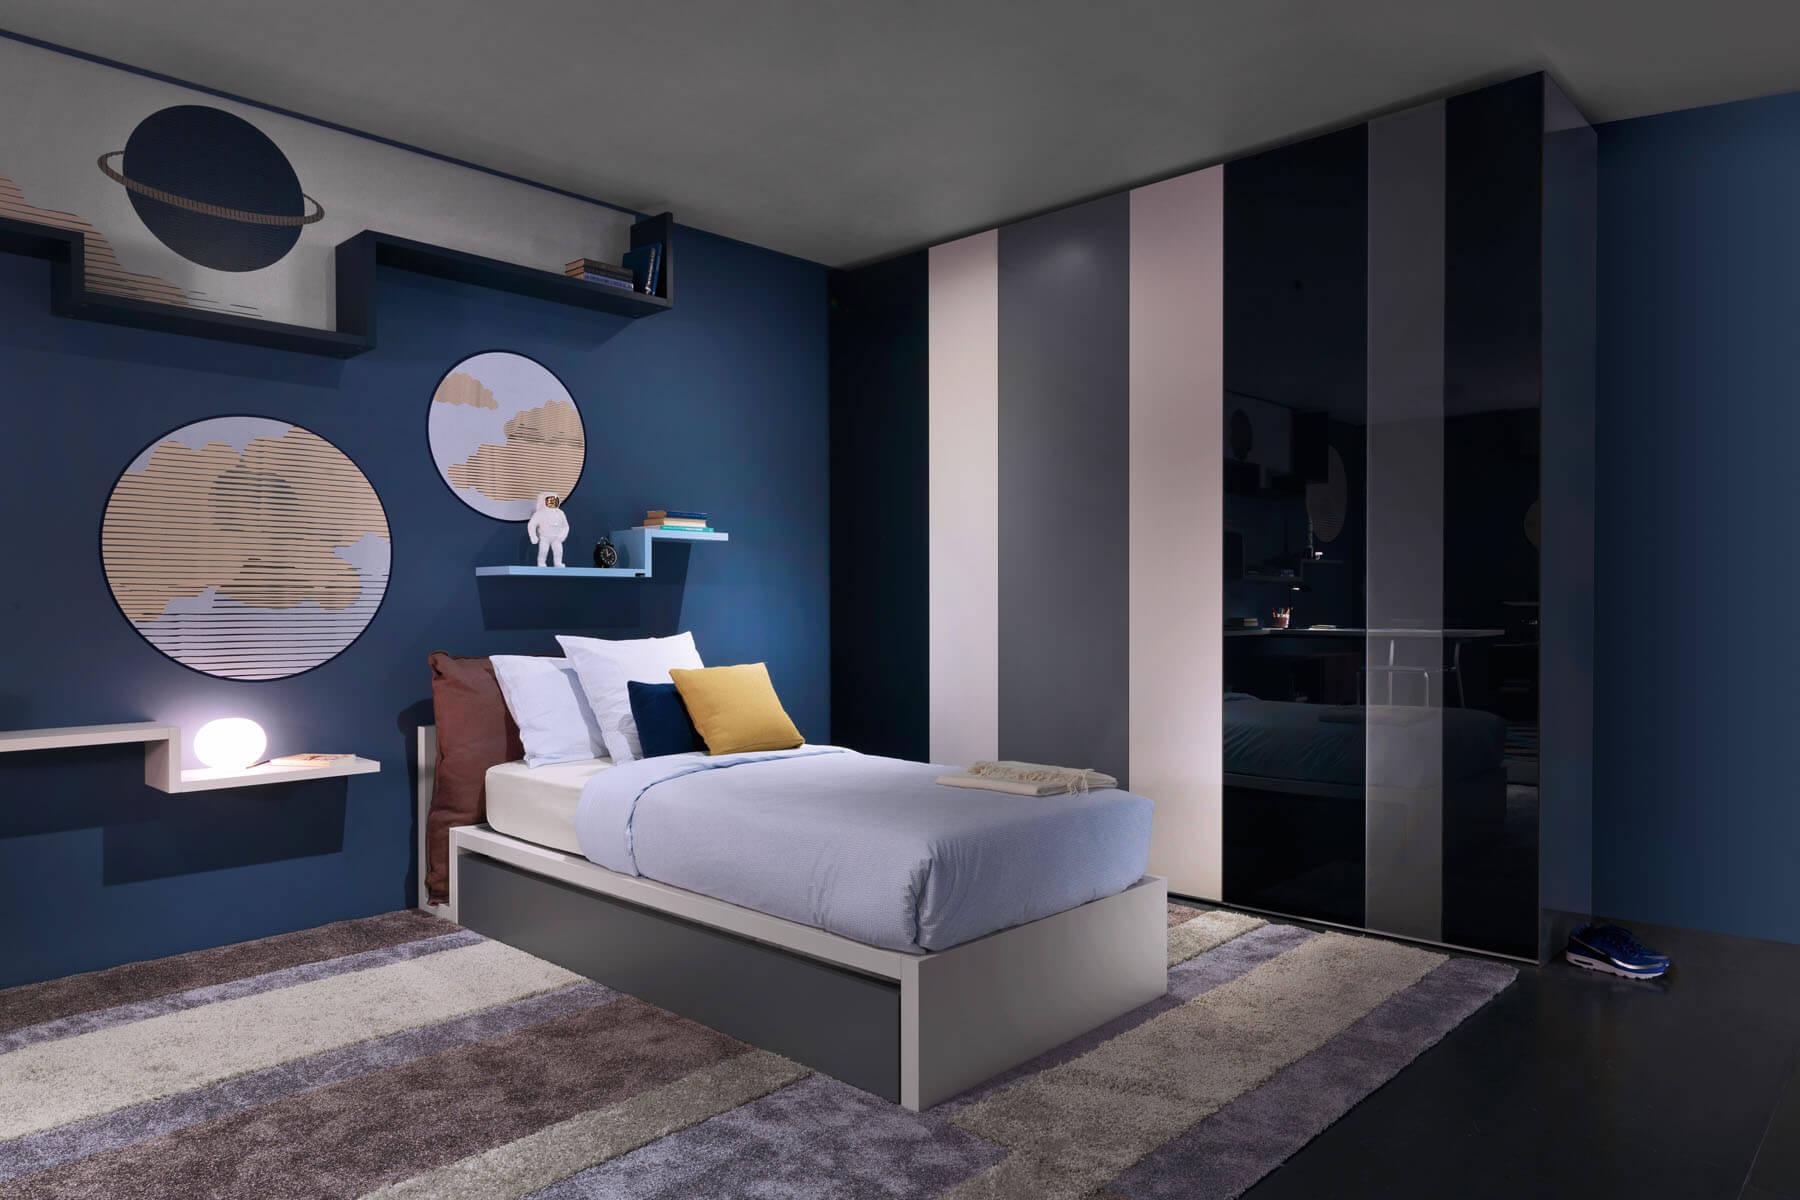 دکوراسیون اتاق پسرانه با رنگ آبی